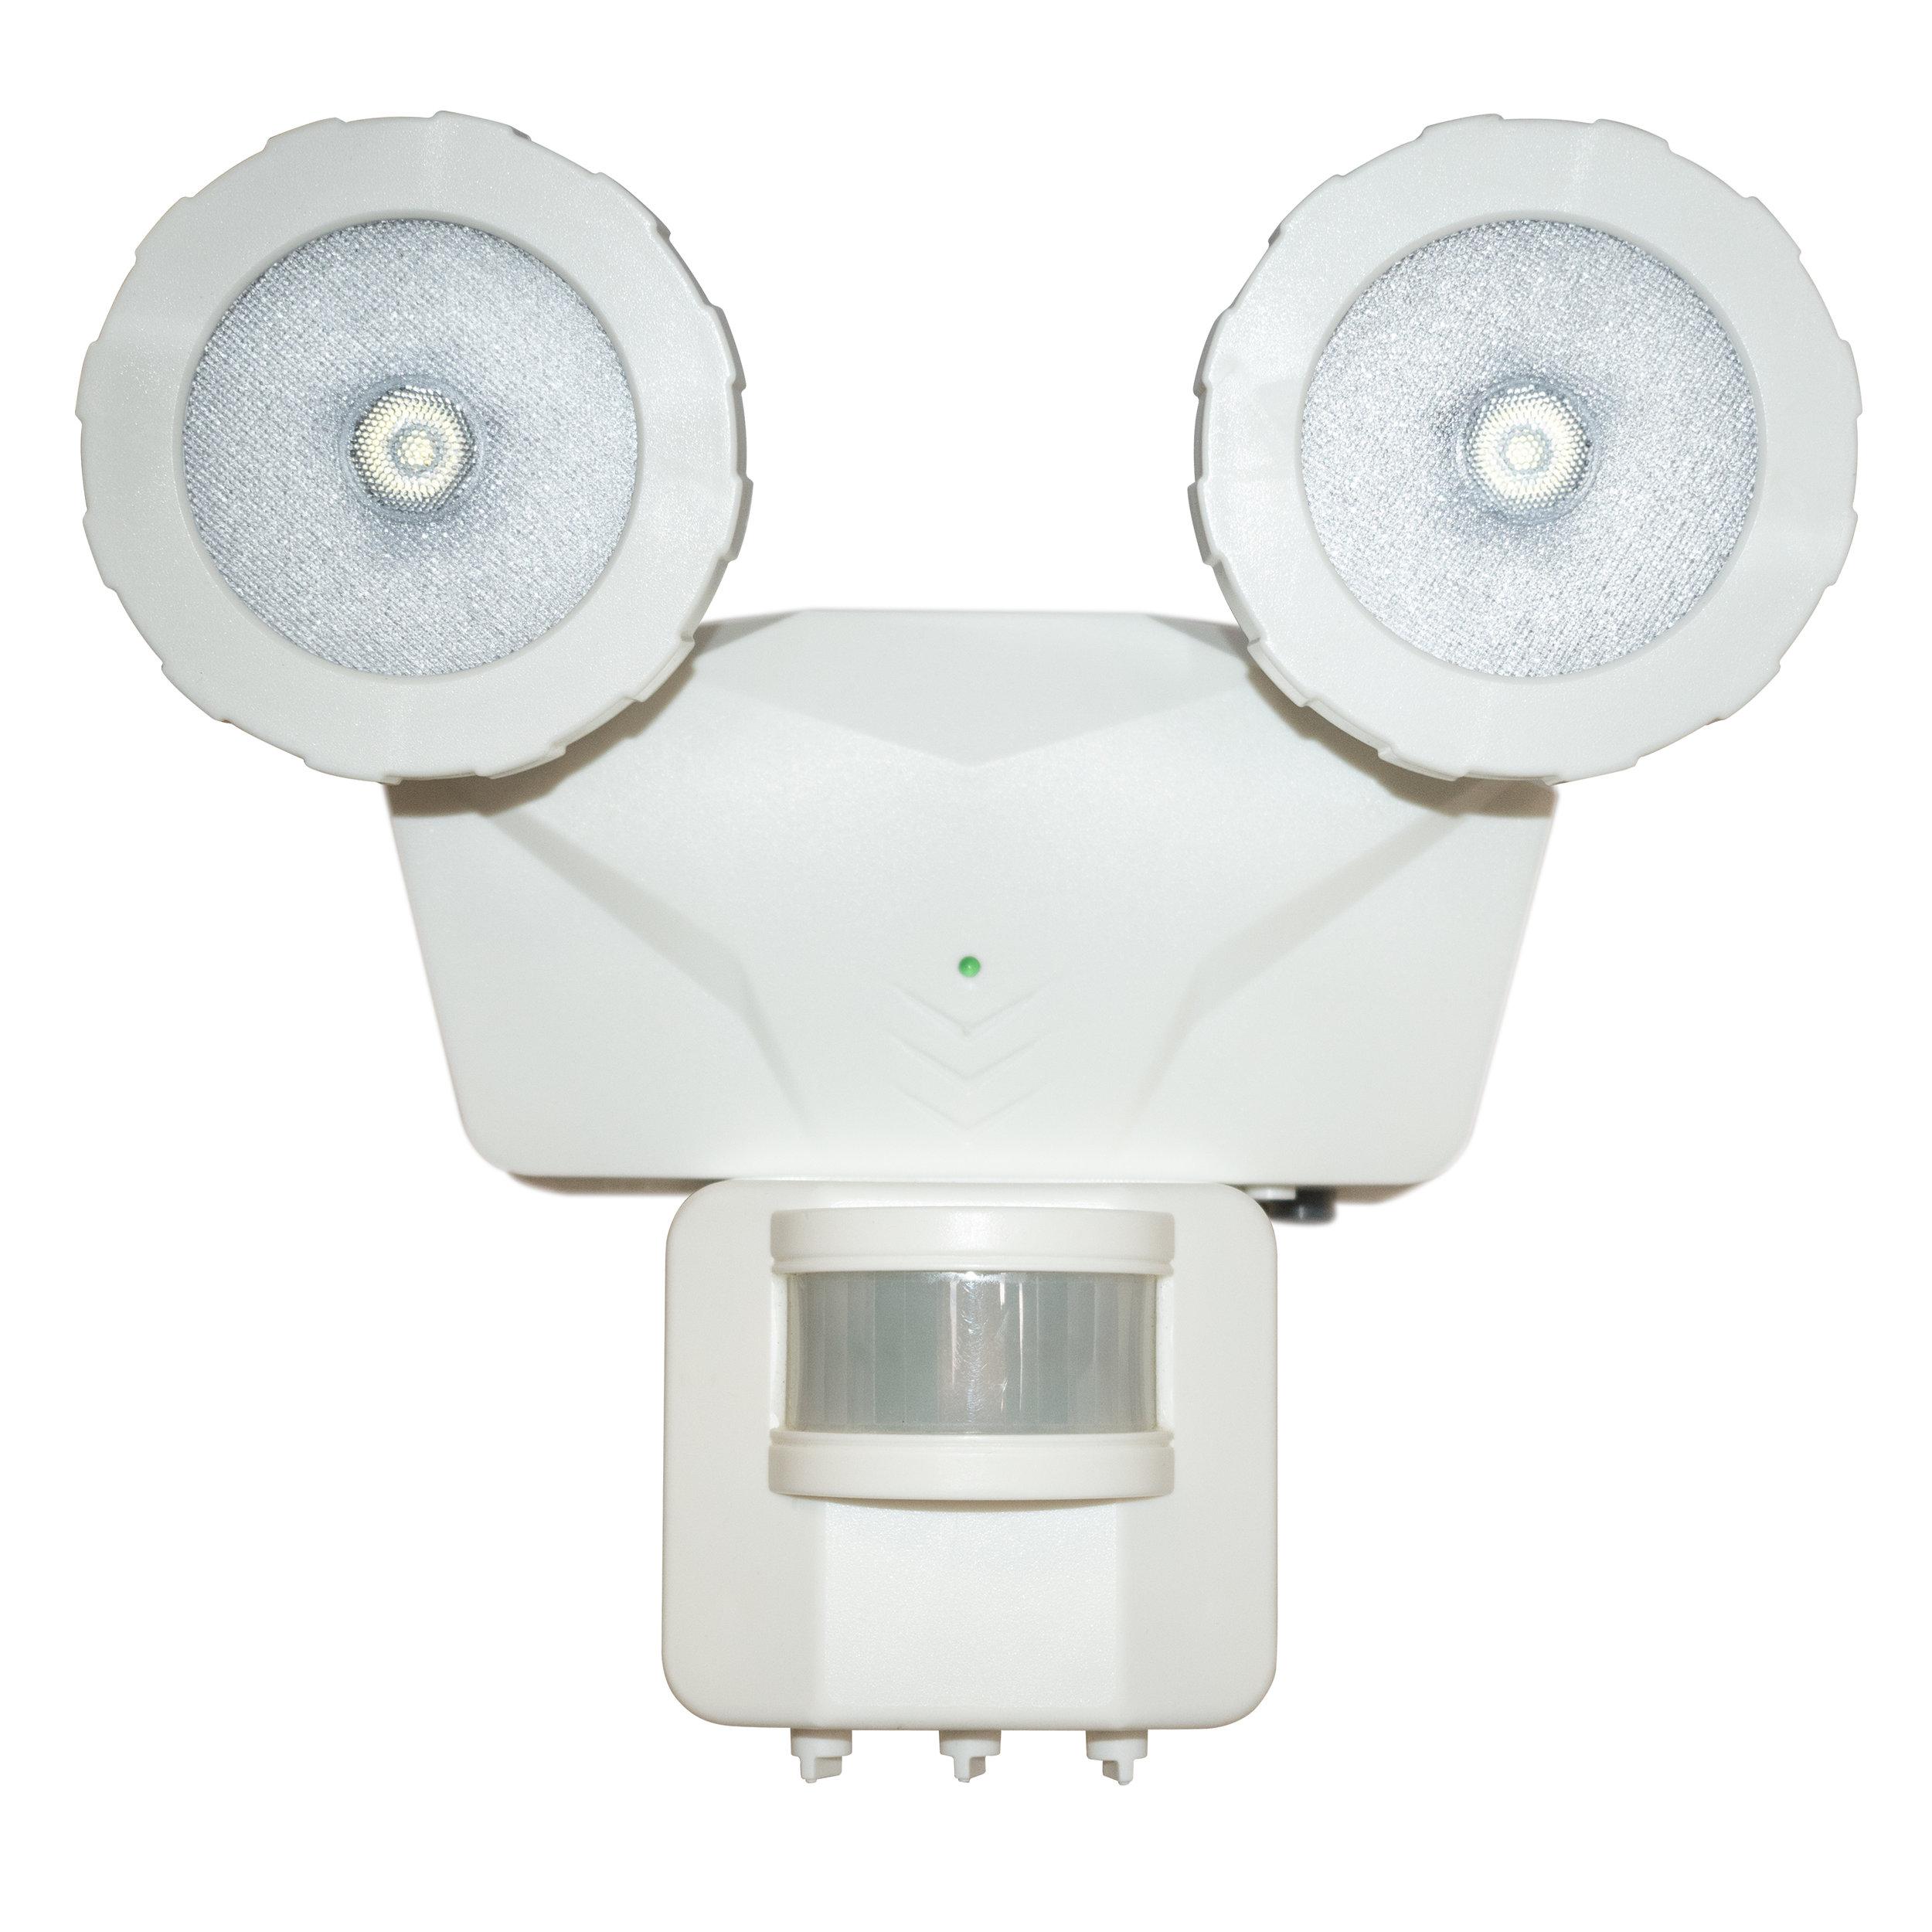 Novolink NL-DSW2 Solar Security Light, Front